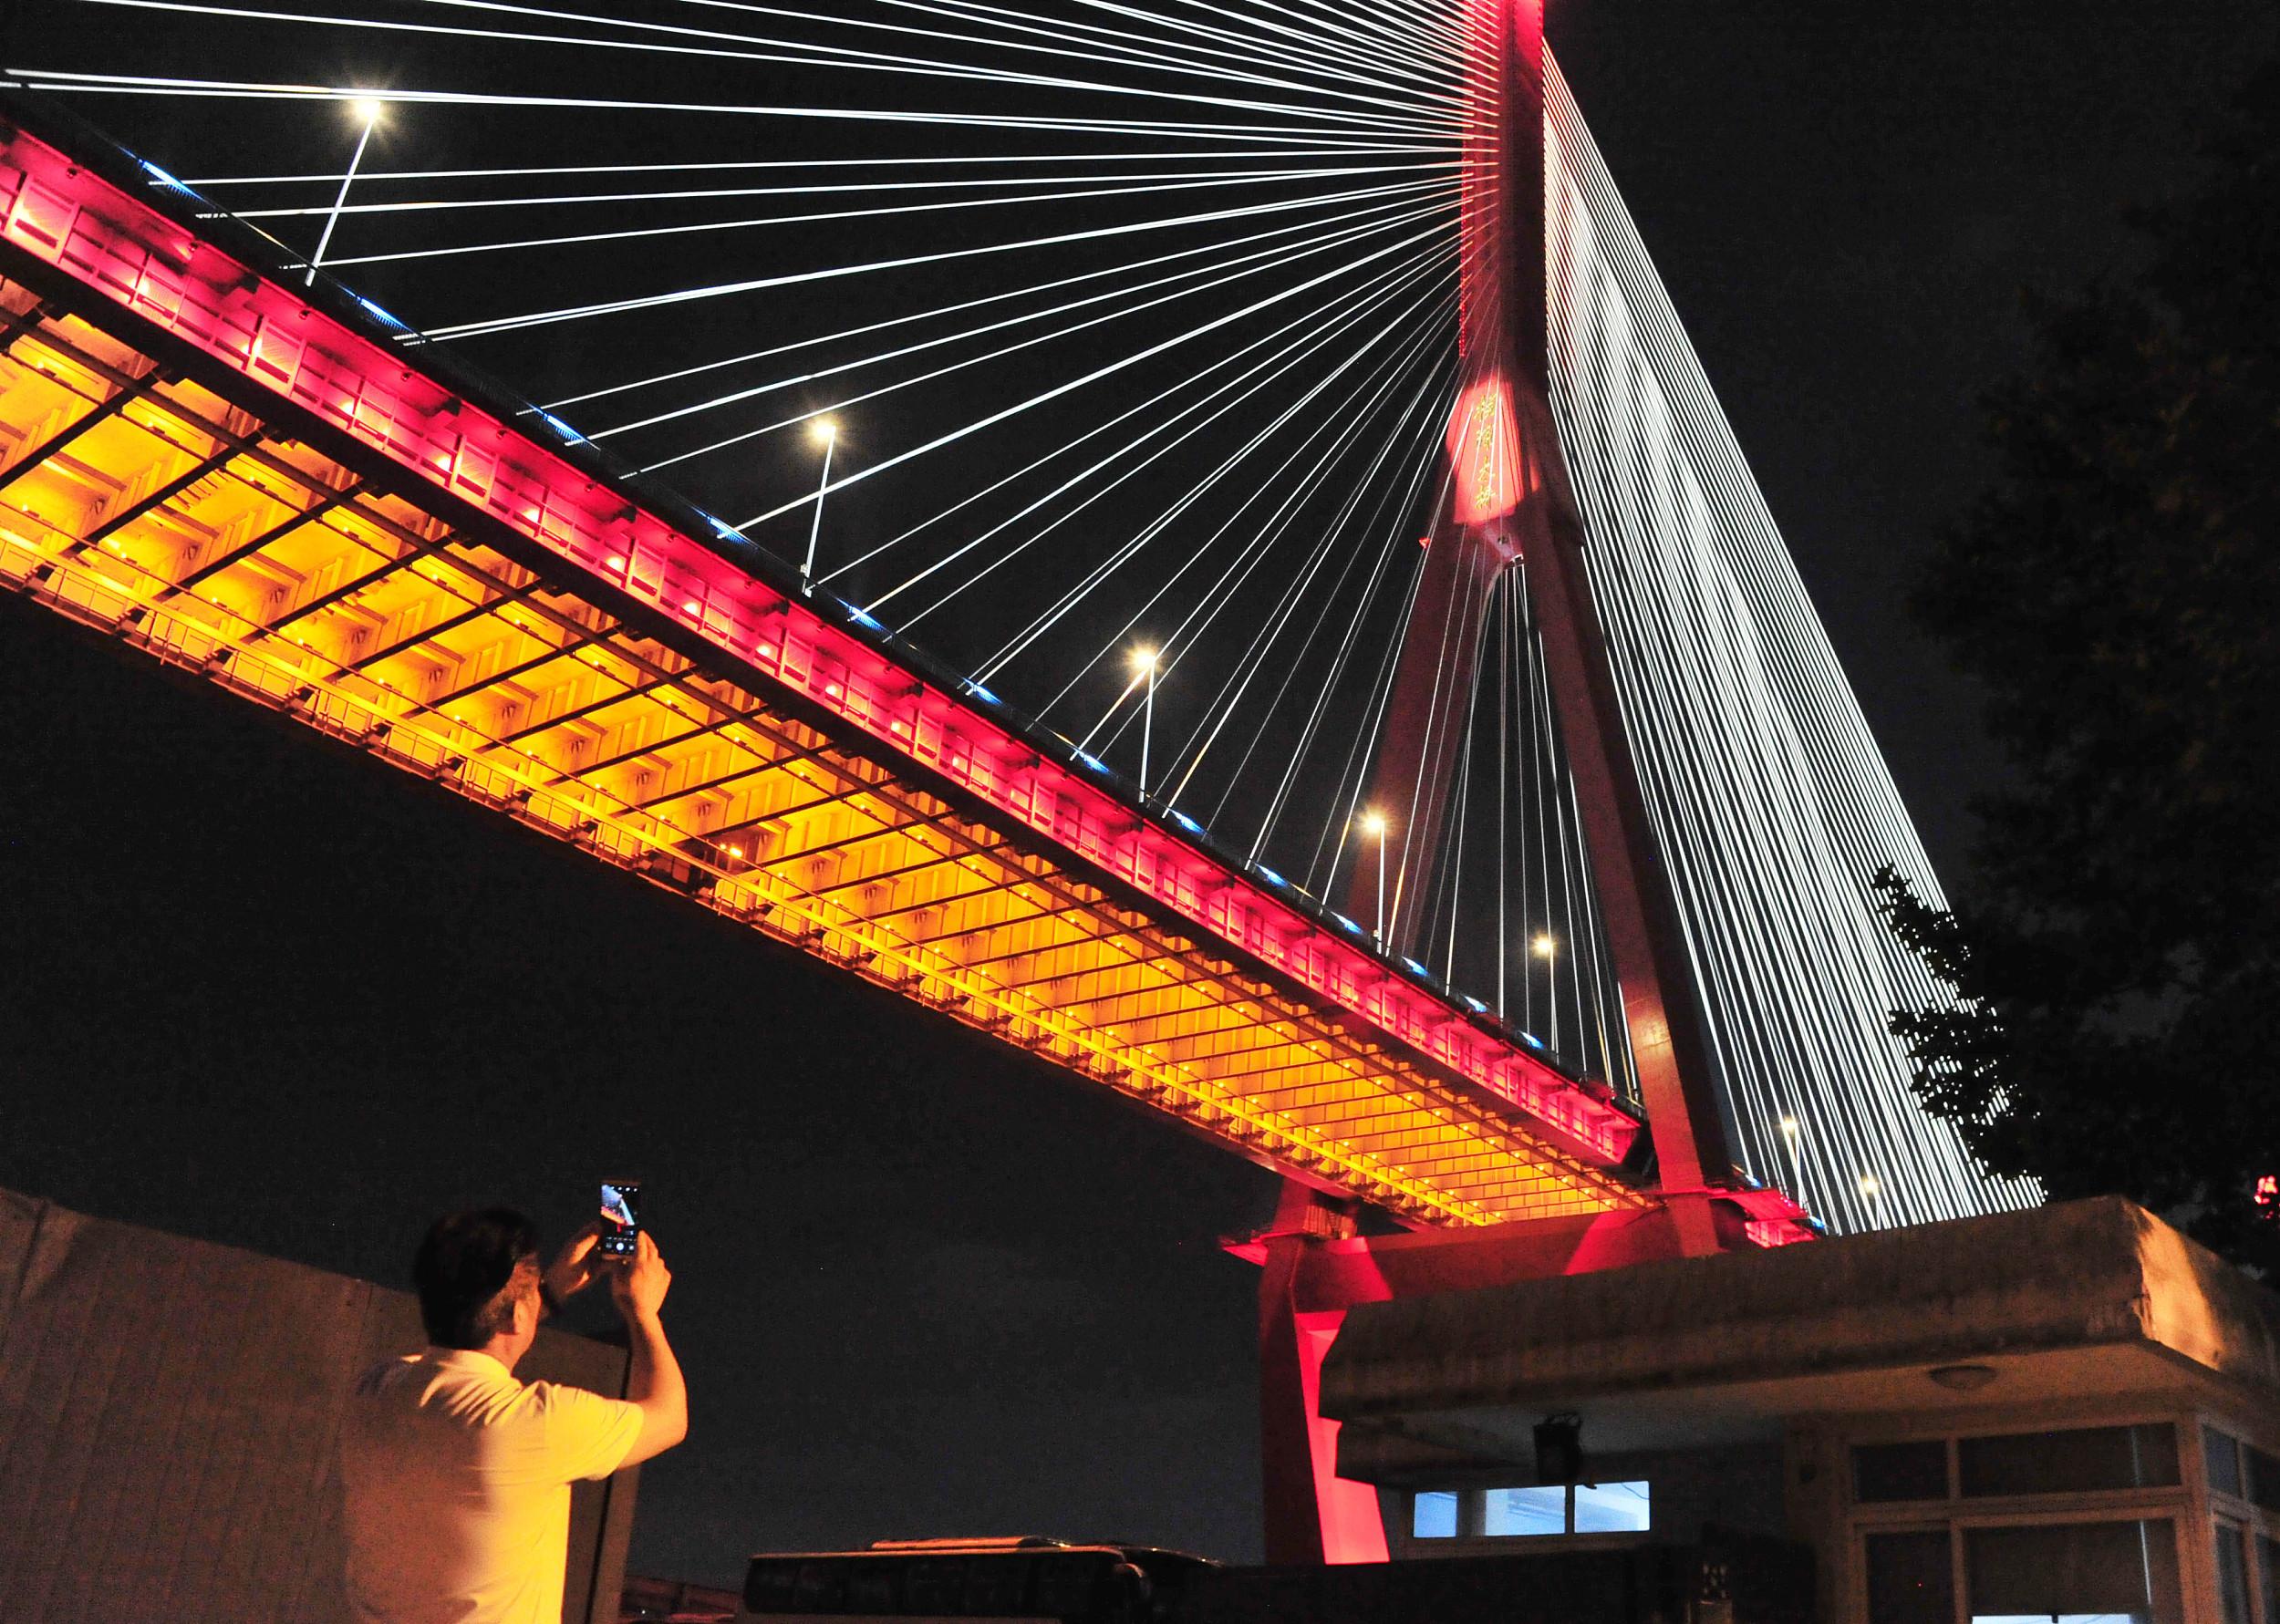 上海:投影灯点缀杨浦滨江 宛若片片花瓣撒江畔,千年染色表